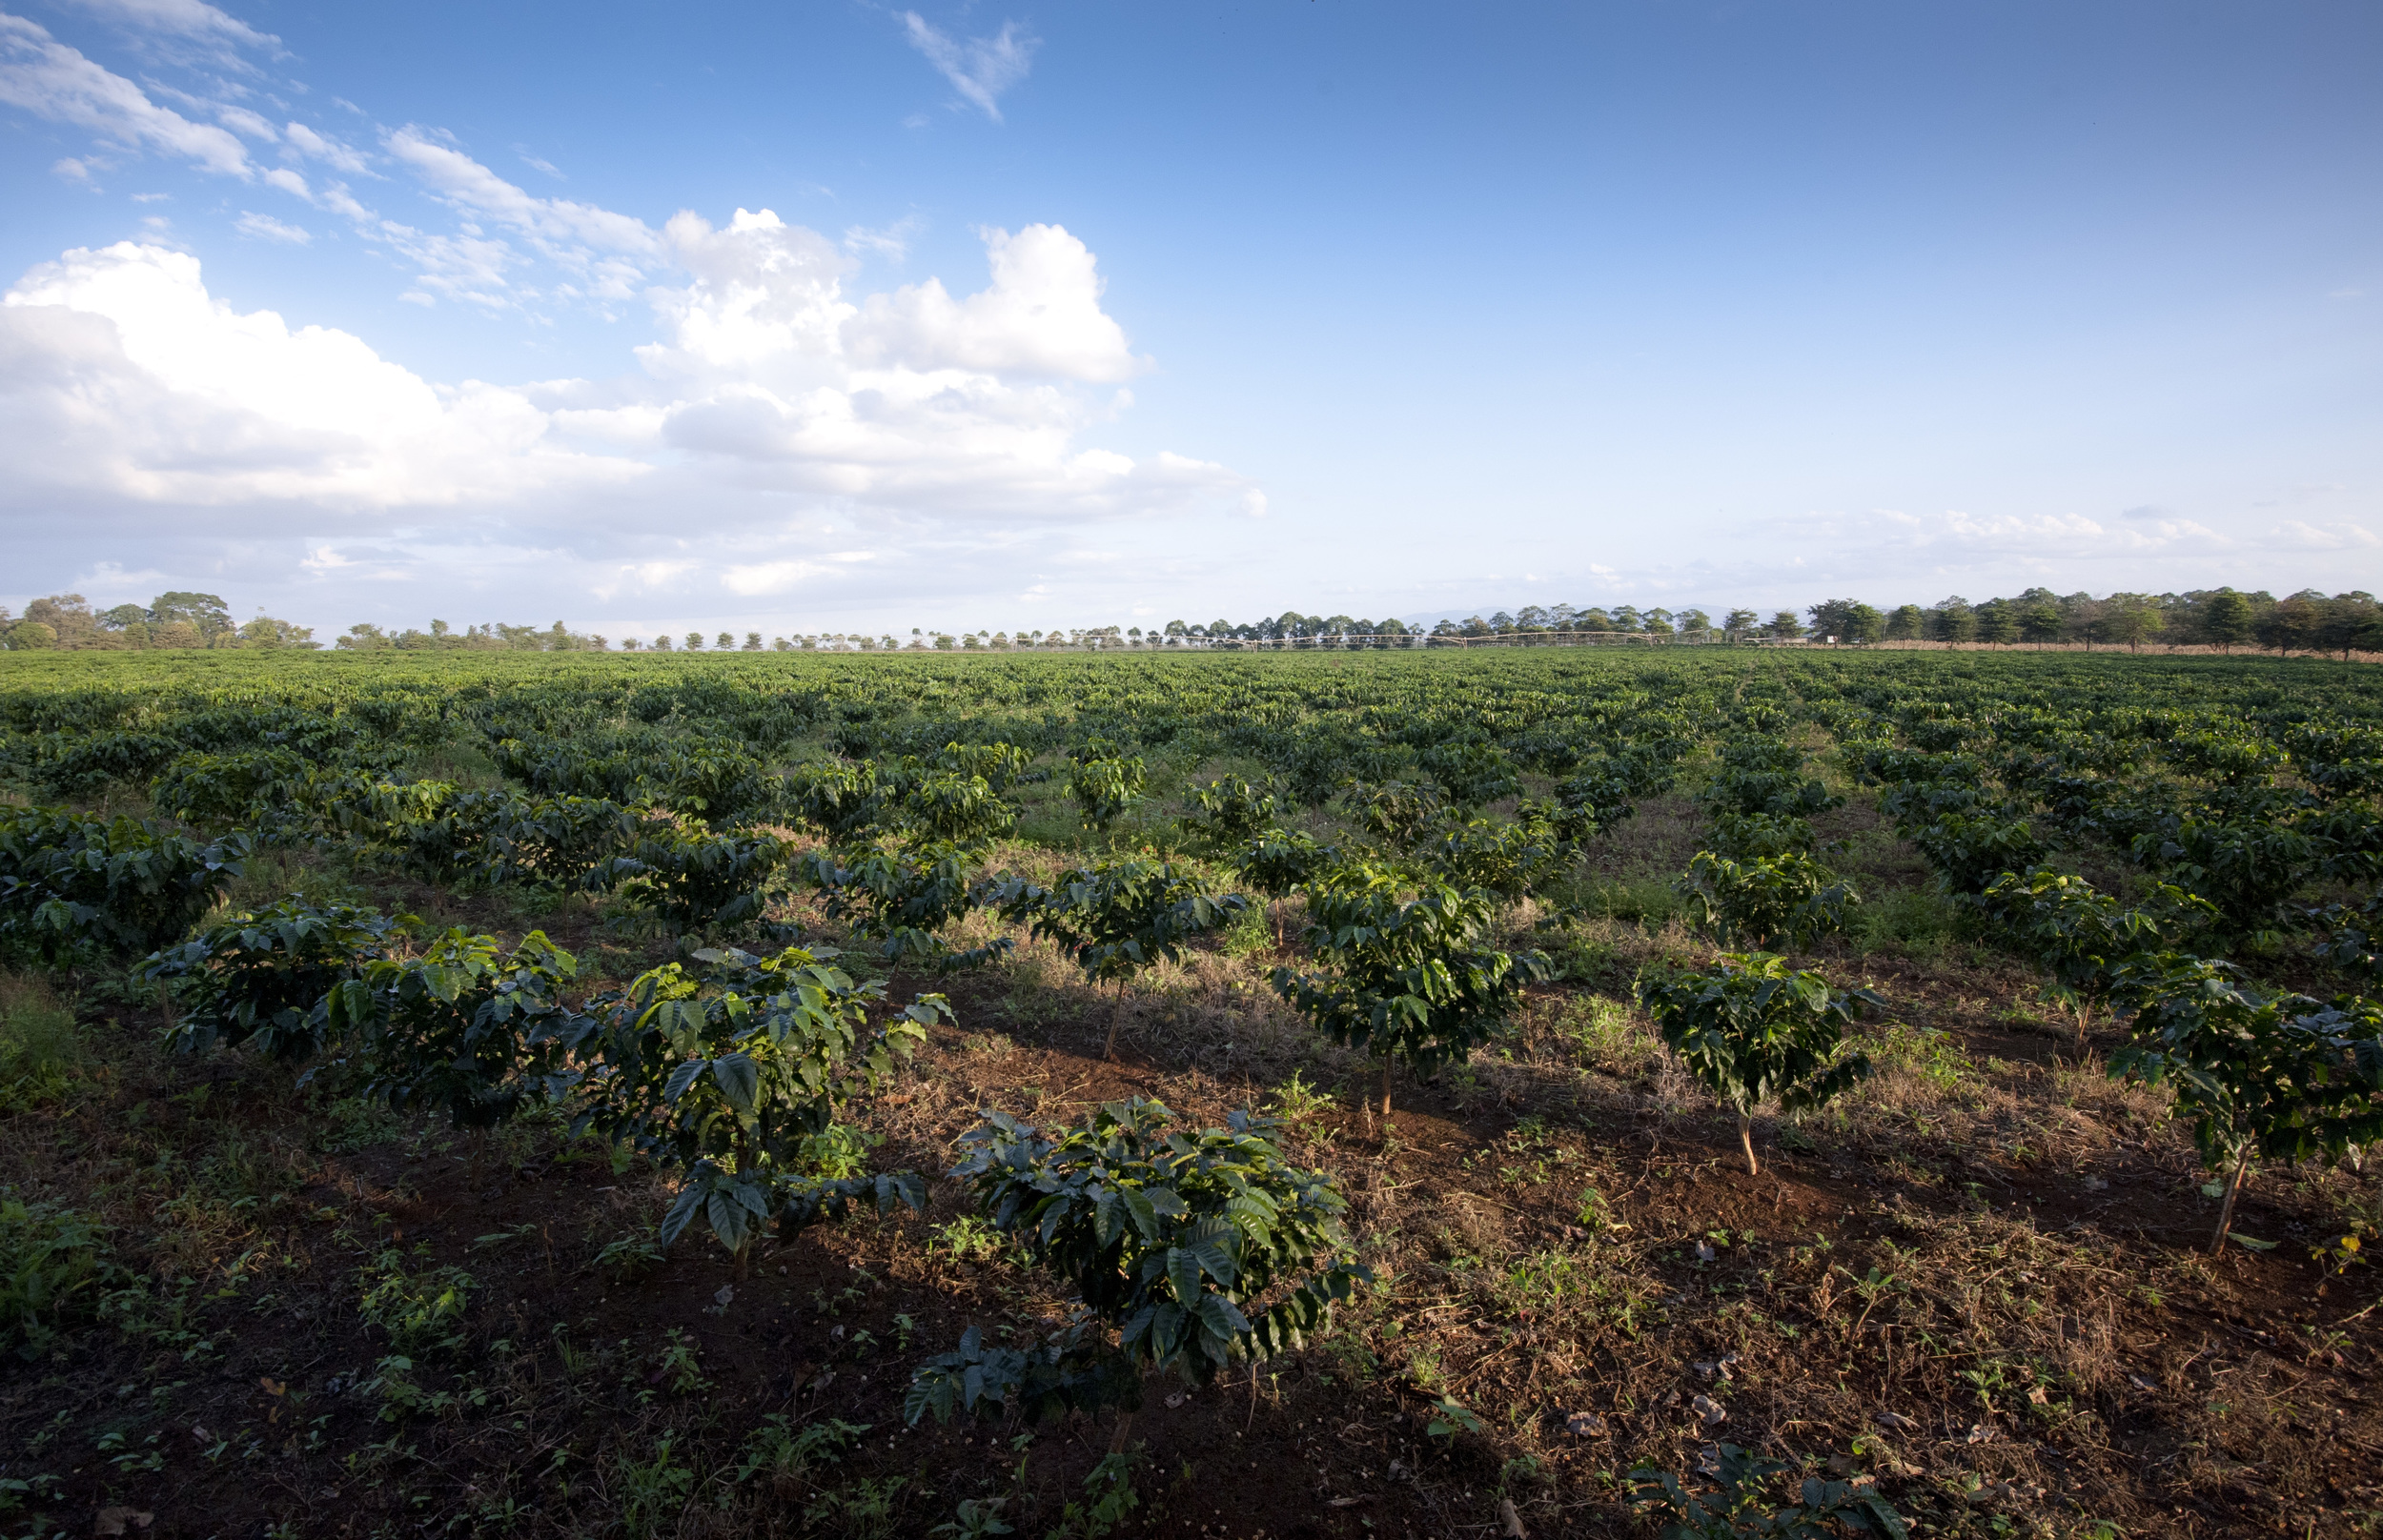 k farm 2.jpg